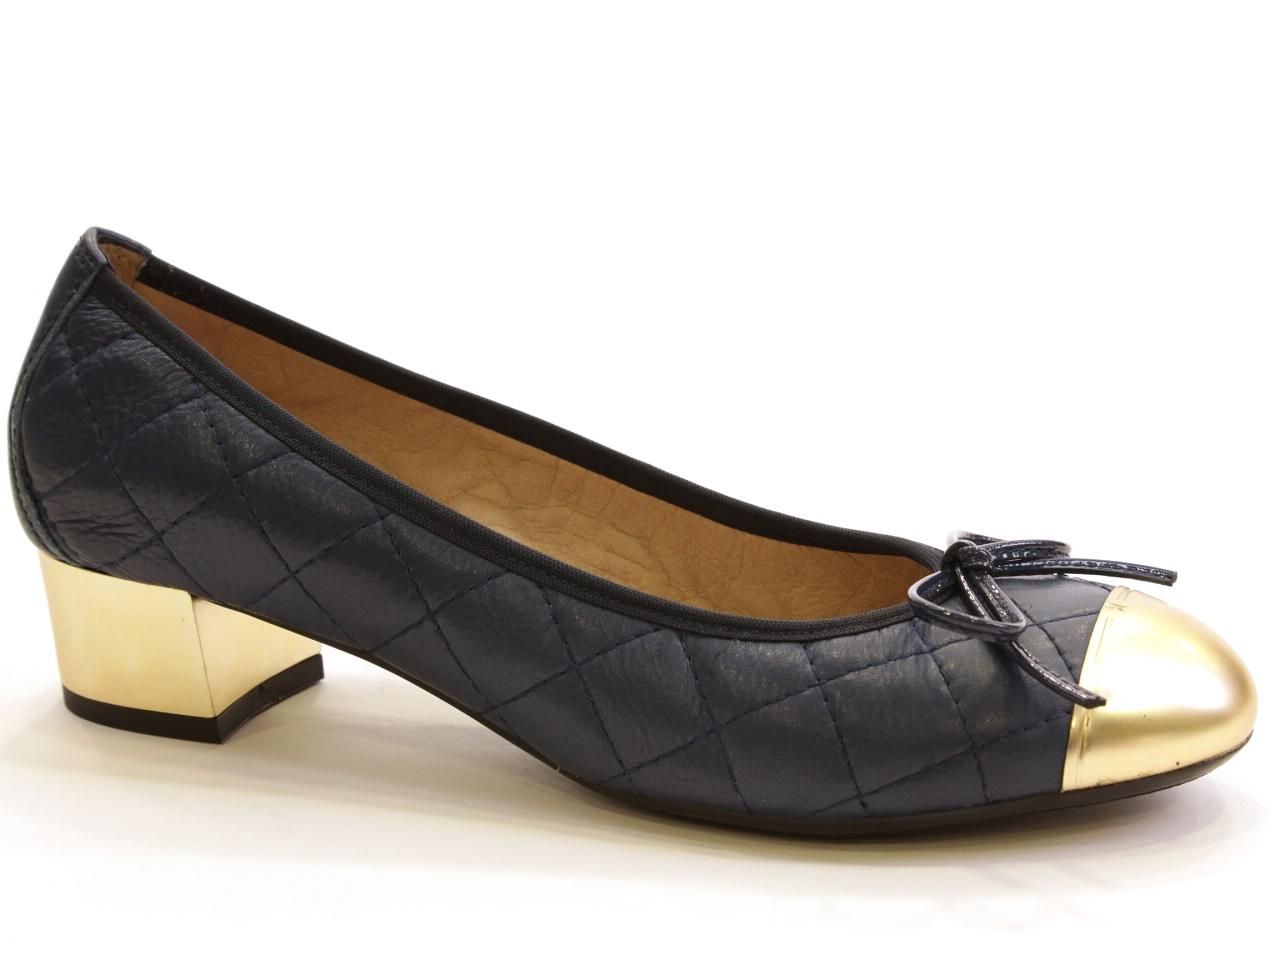 Sapatos Baixos, Sabrinas, Mocassins Hispanitas - 165 HV49100